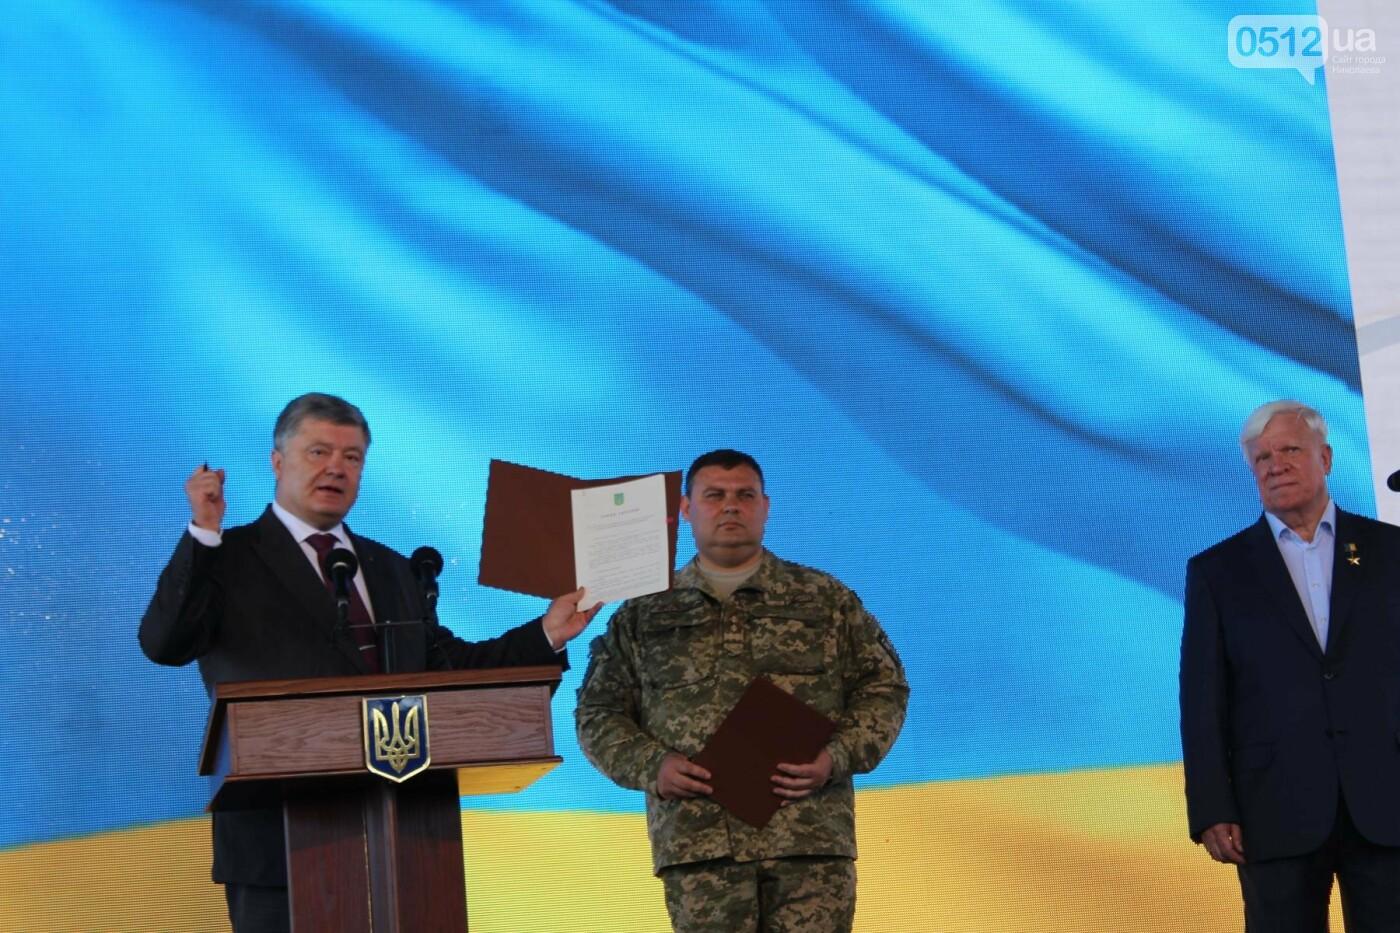 Порошенко в Николаеве подписал ряд важных законопроектов, - ФОТО, фото-2